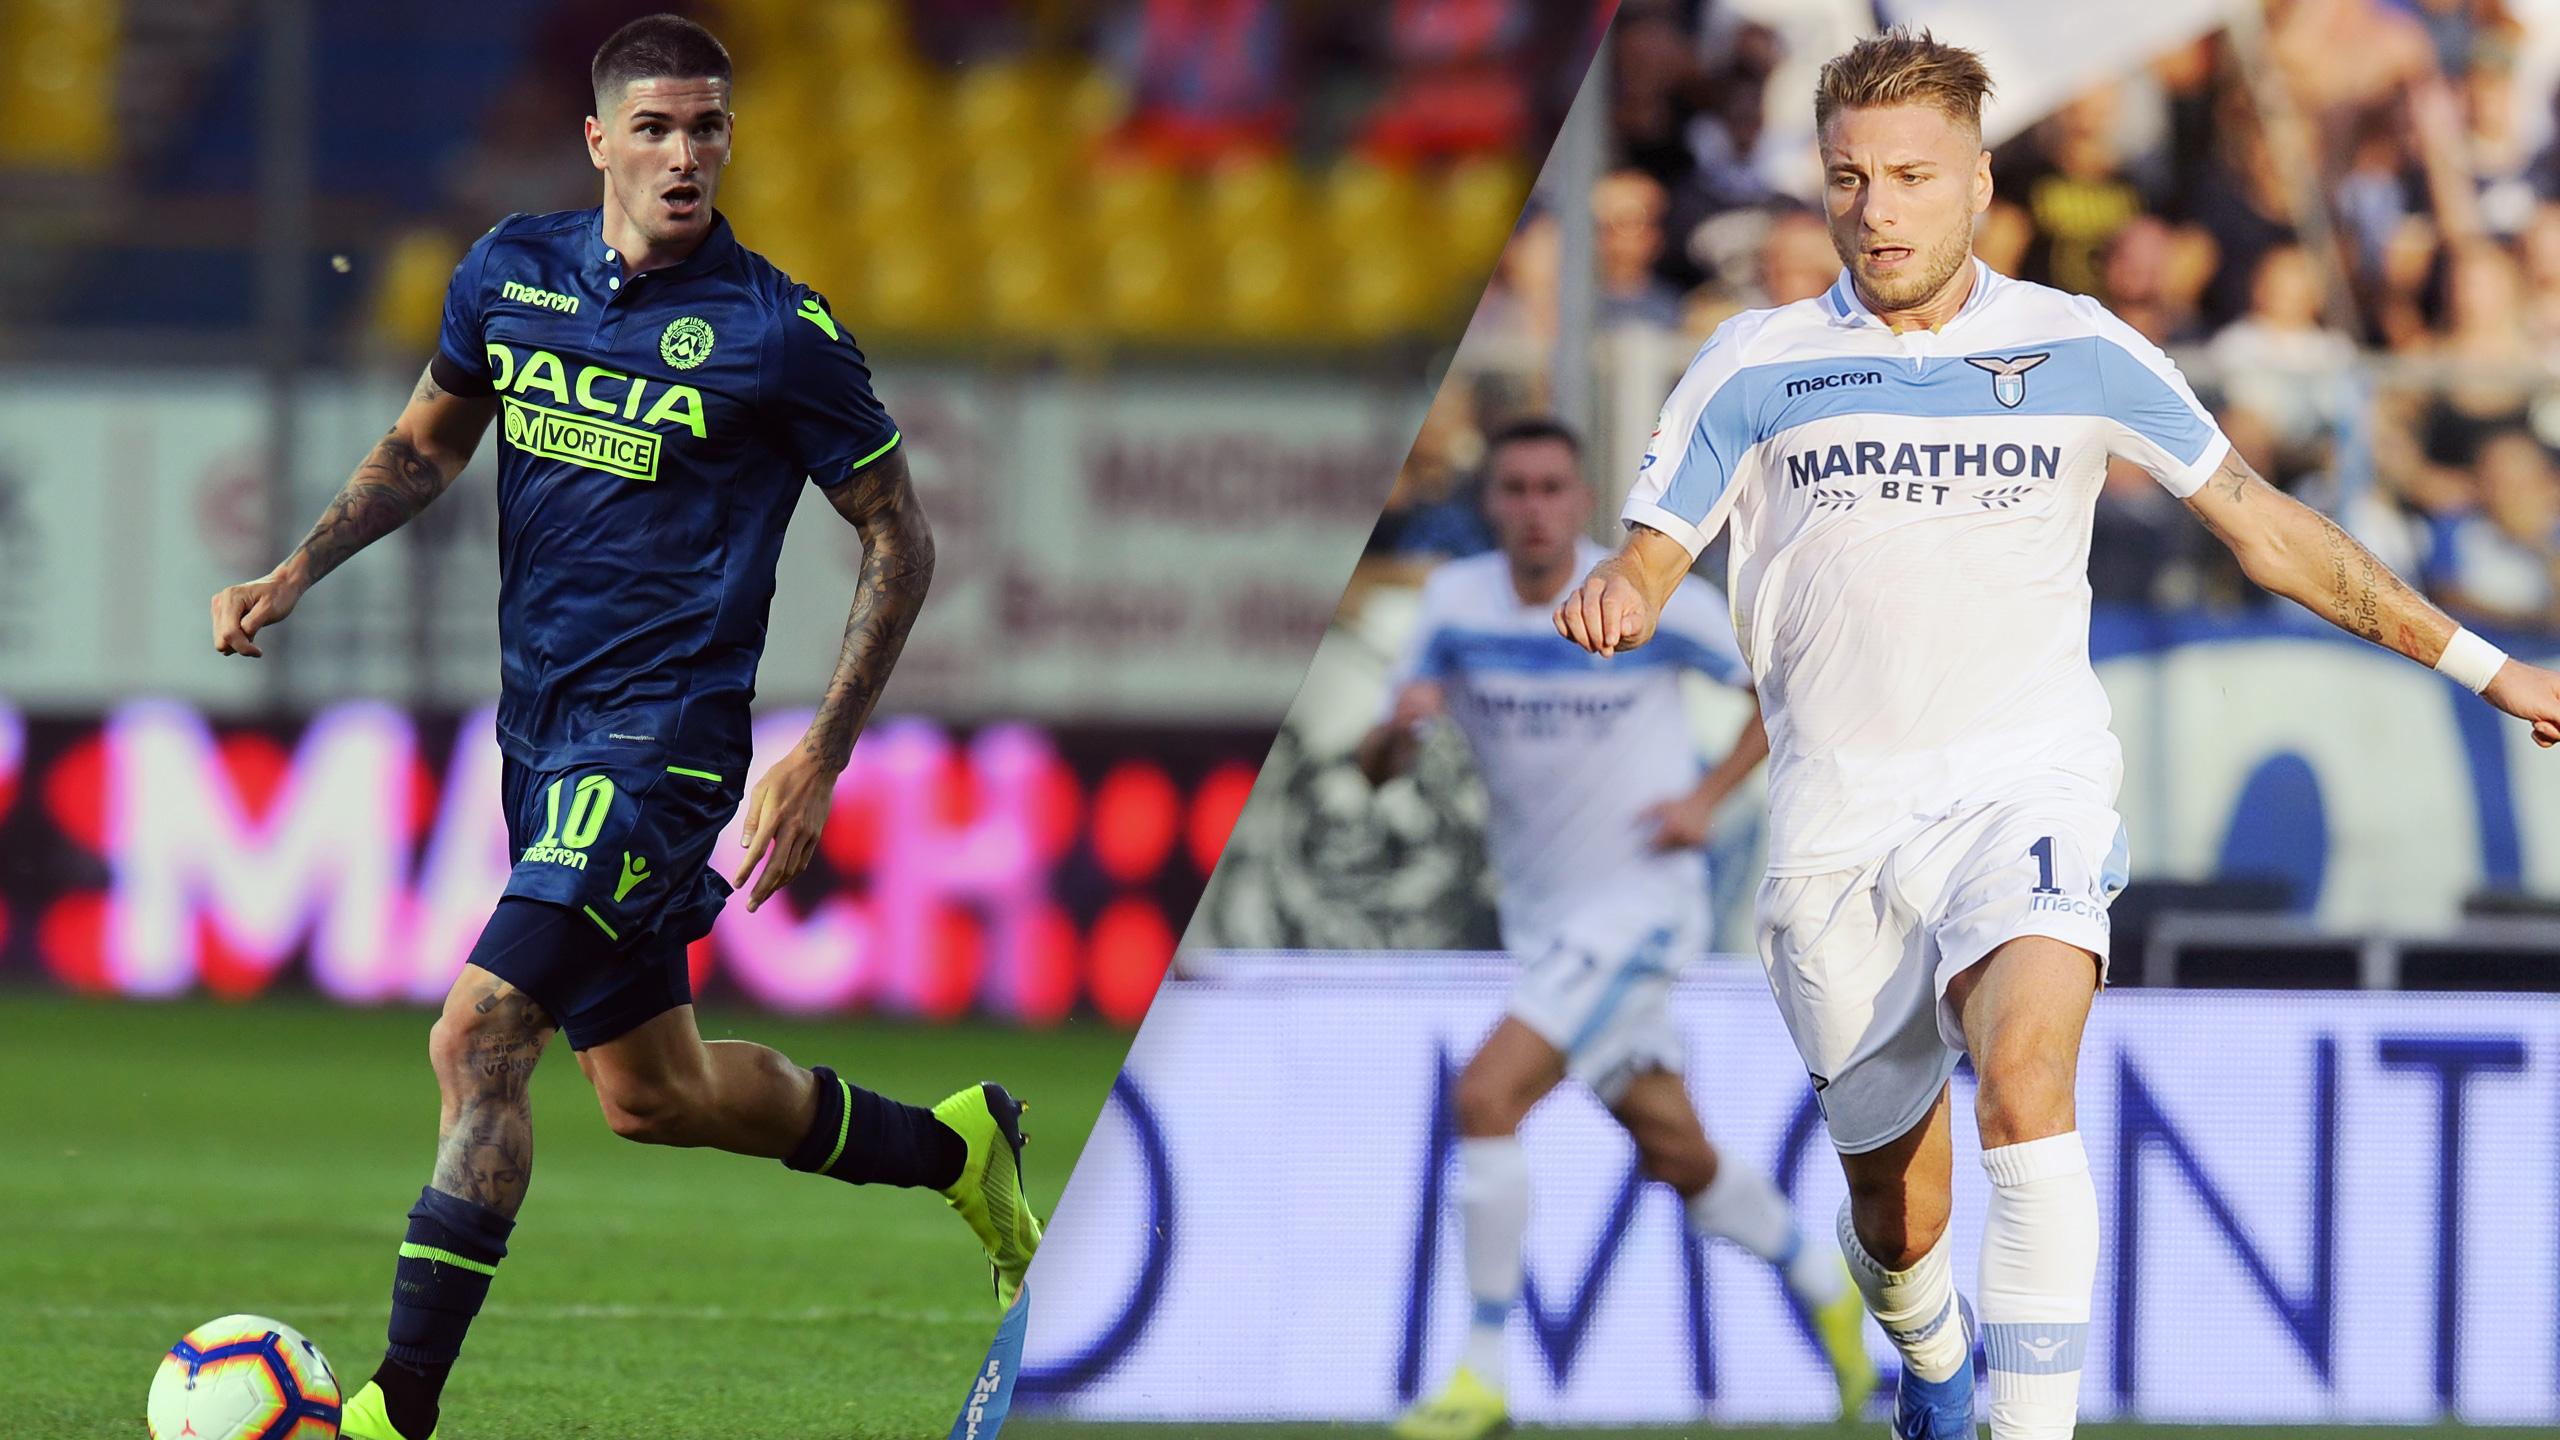 Udinese vs. Lazio (Serie A)